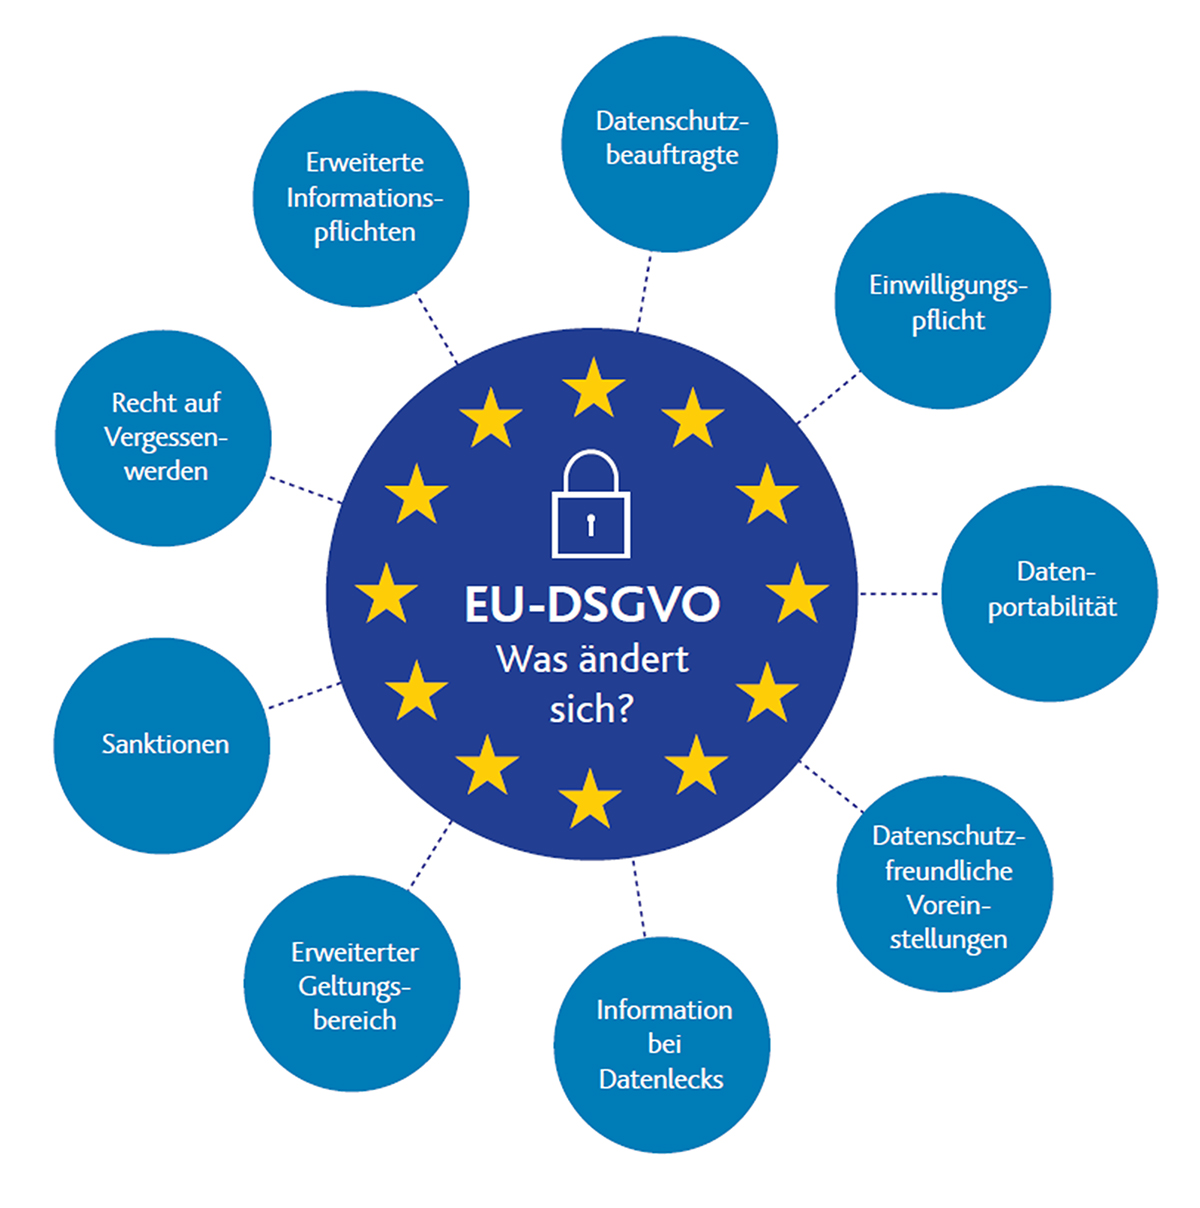 Grafik: Das ändert sich mit Inkrafttreten der EU-DSGVO